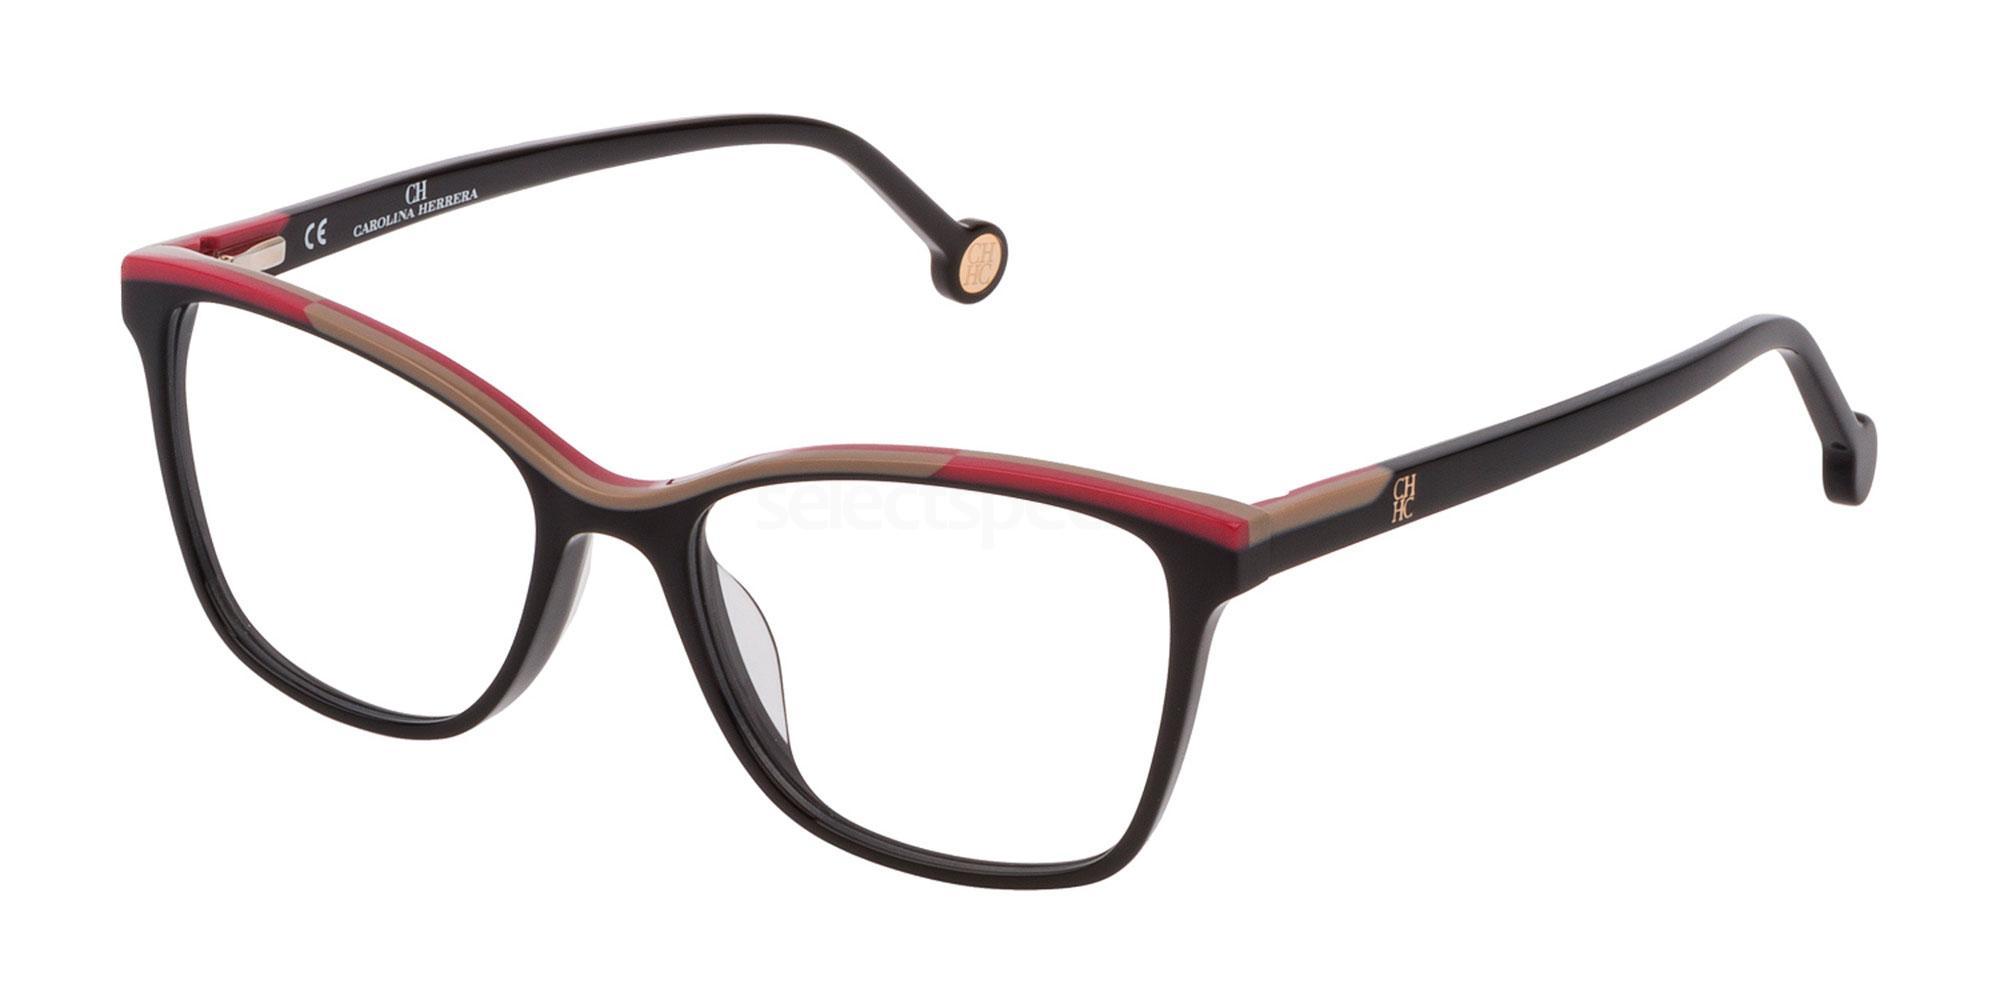 0700 VHE820L Glasses, CH Carolina Herrera